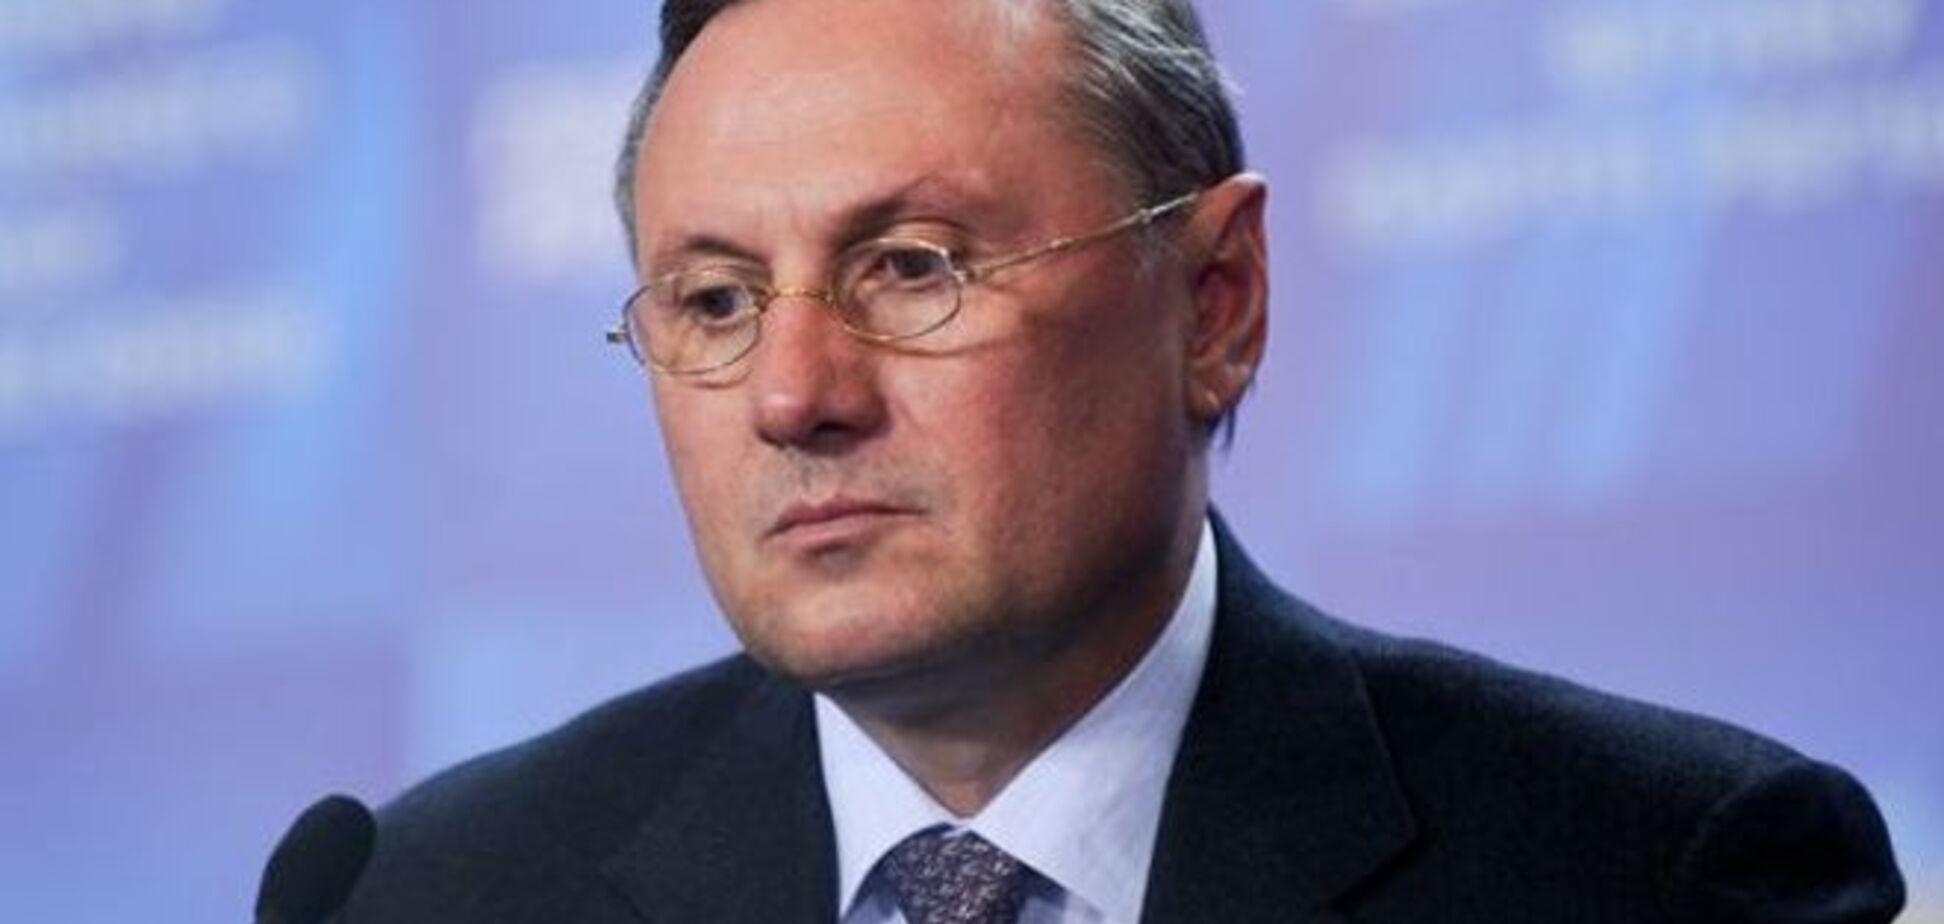 Дело Ефремова: будет ли наказание, и за какие преступления